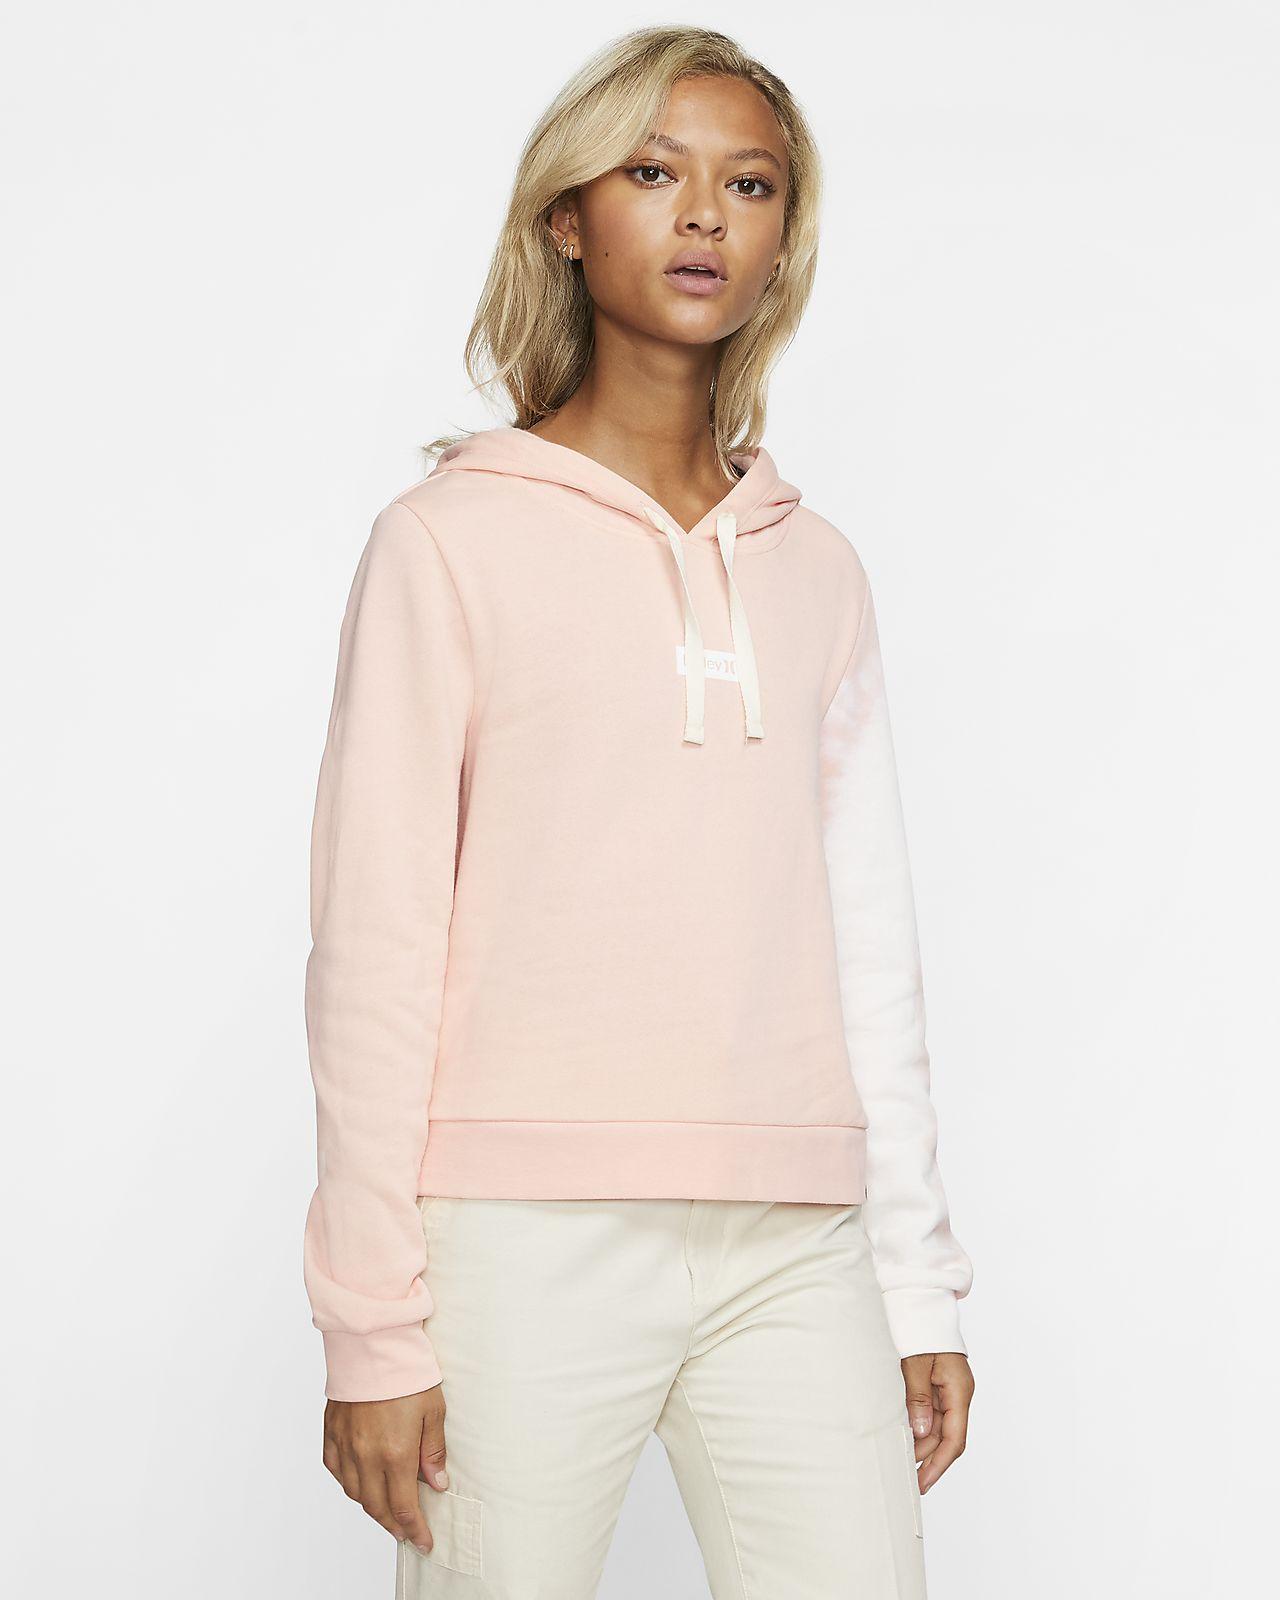 Hurley Dip Dye Perfect Kurz-Pullover für Damen